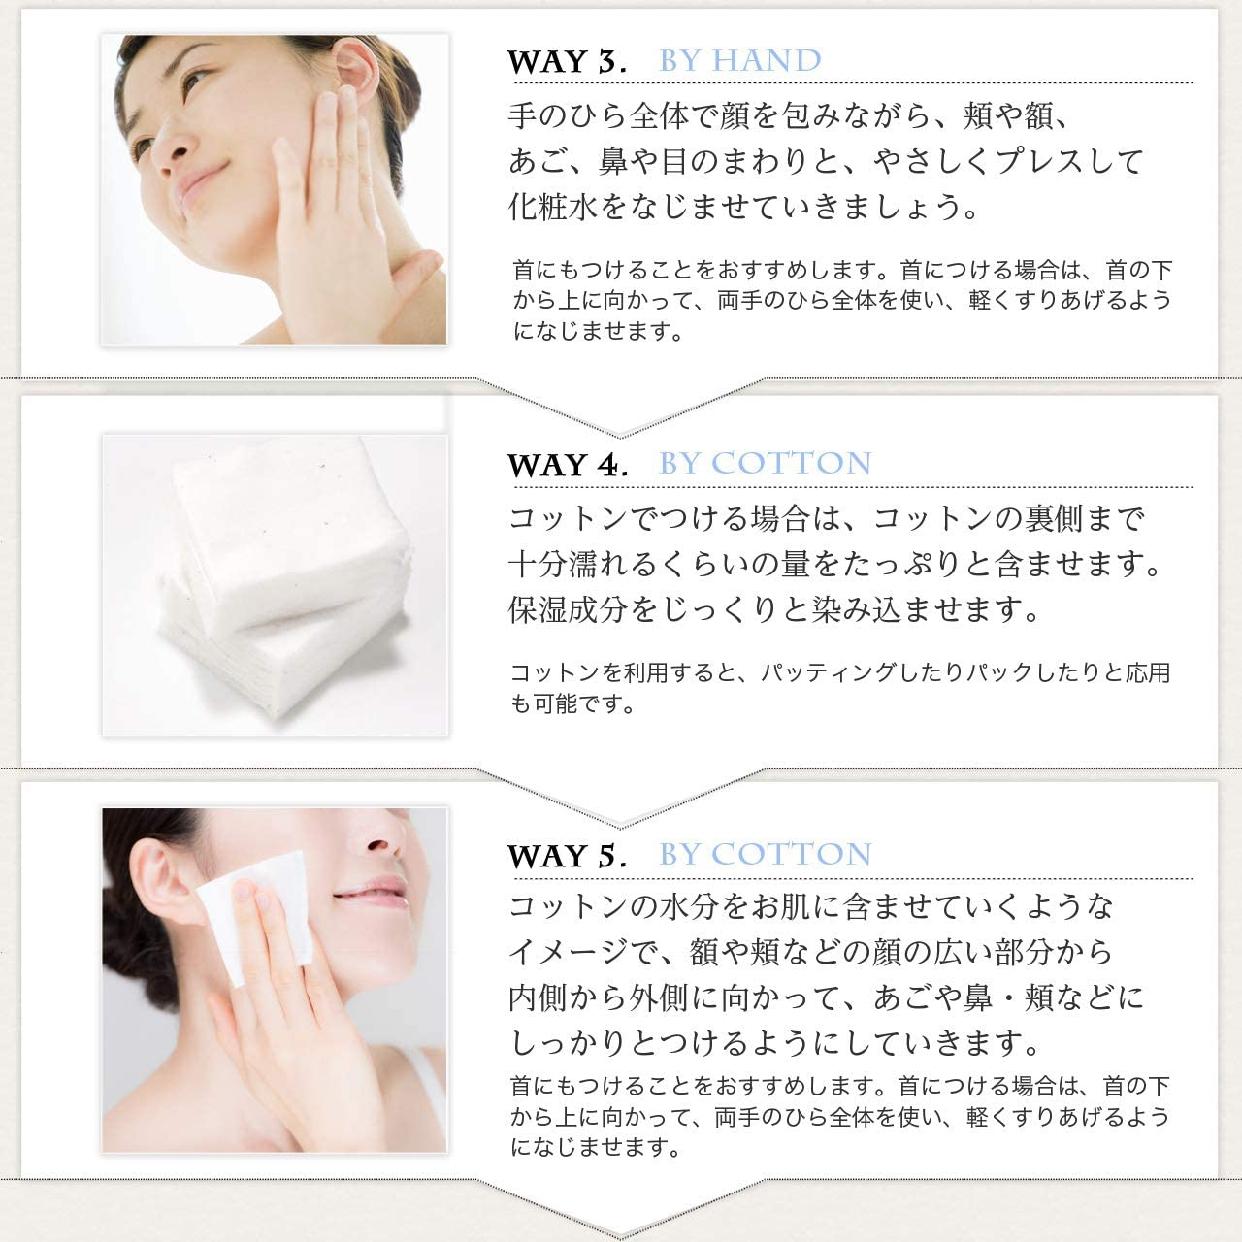 麗白 ハトムギ化粧水の商品画像9